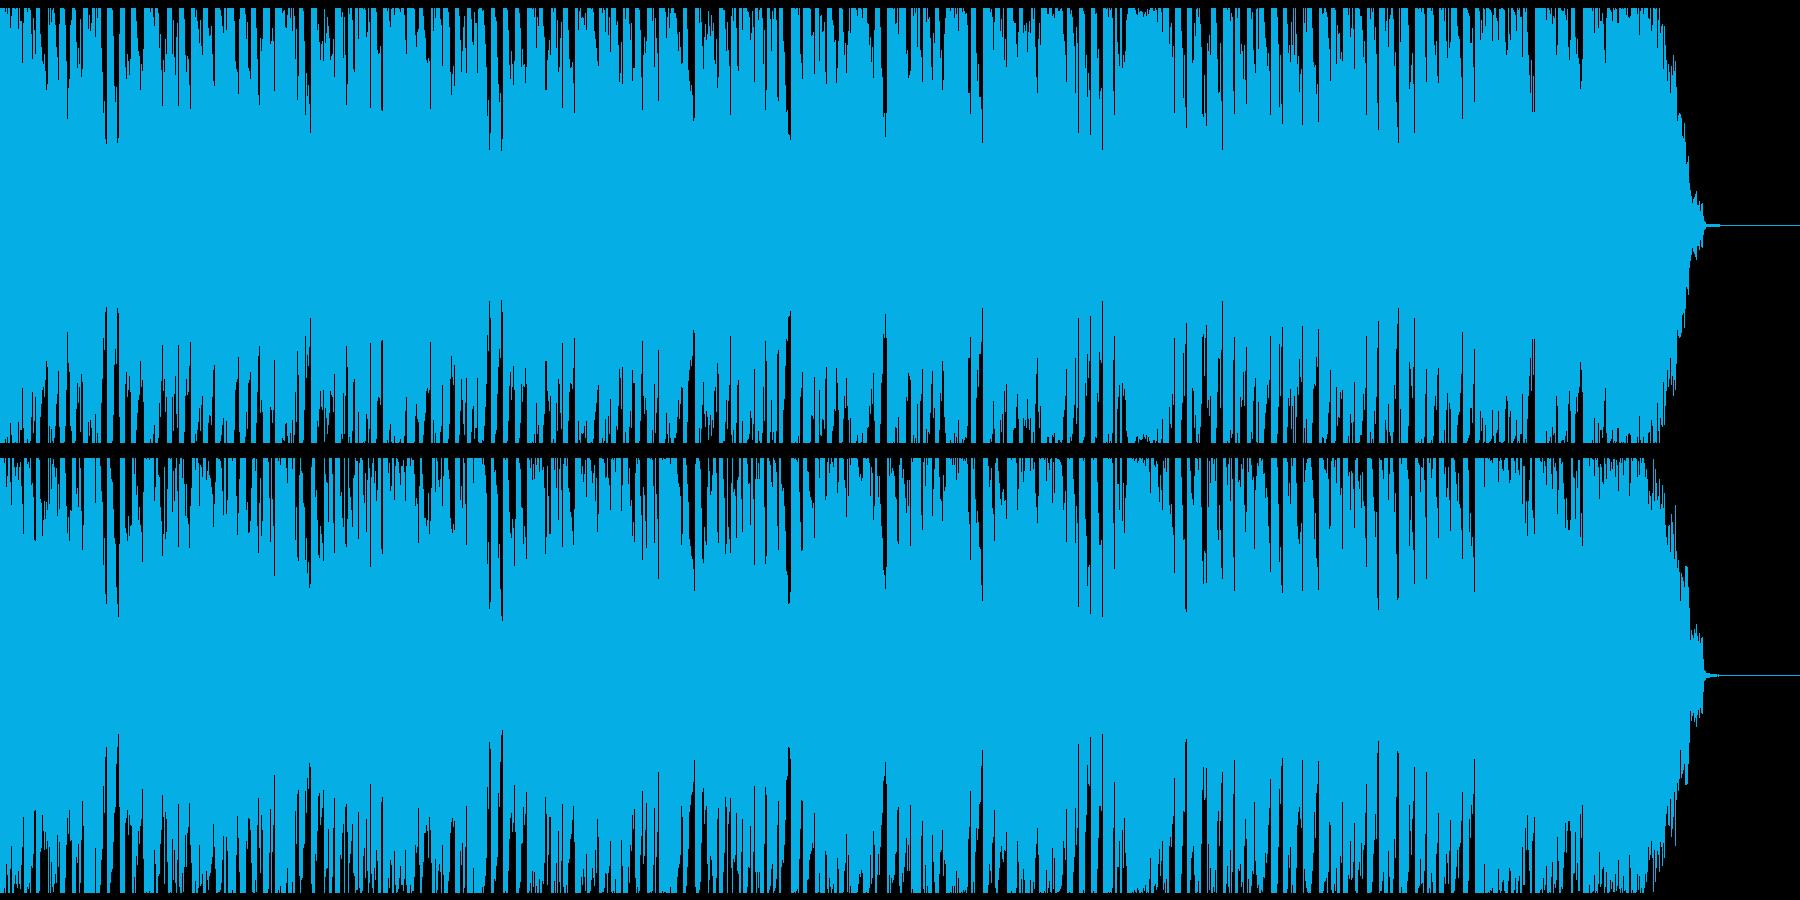 番組オープニング風の少しゆるい楽しい曲の再生済みの波形